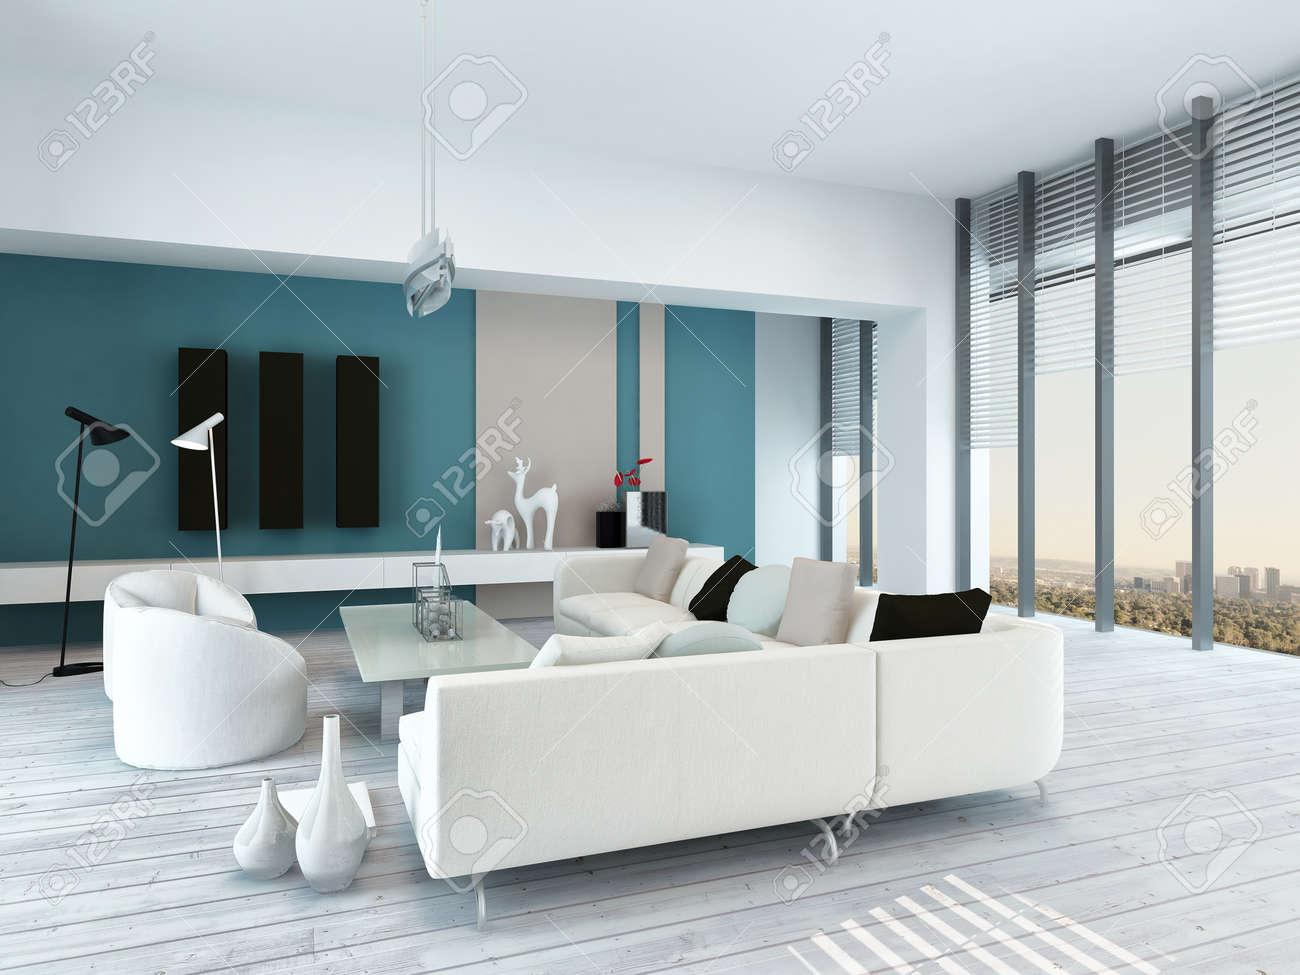 Ziemlich Blau Und Weiss Wohnzimmer Innenraum Mit Rustikalen Weiss